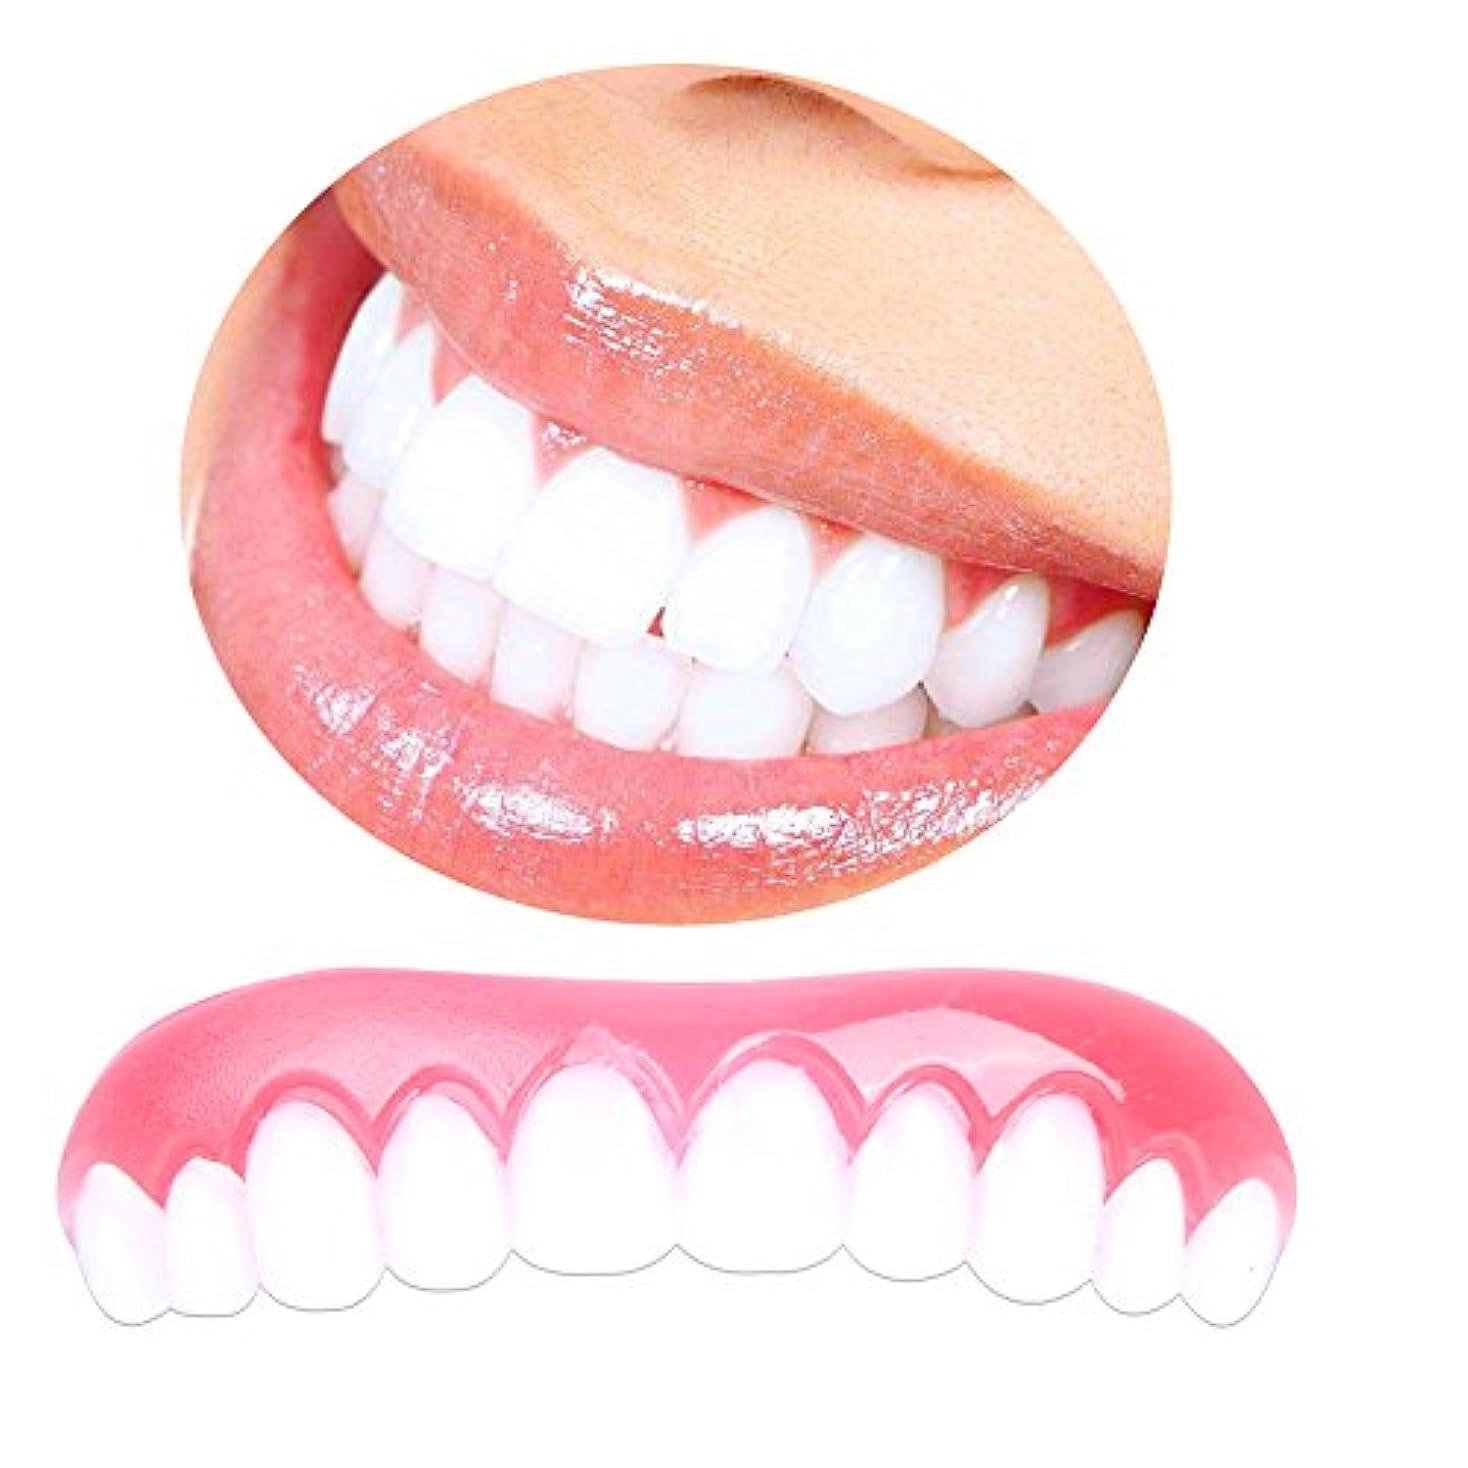 スペルわざわざ帰する2個パーフェクトスマイルベニヤダブの歯の修正のための在庫の悪い歯のためのパーフェクトスマイルベニヤ歯のホワイトニング